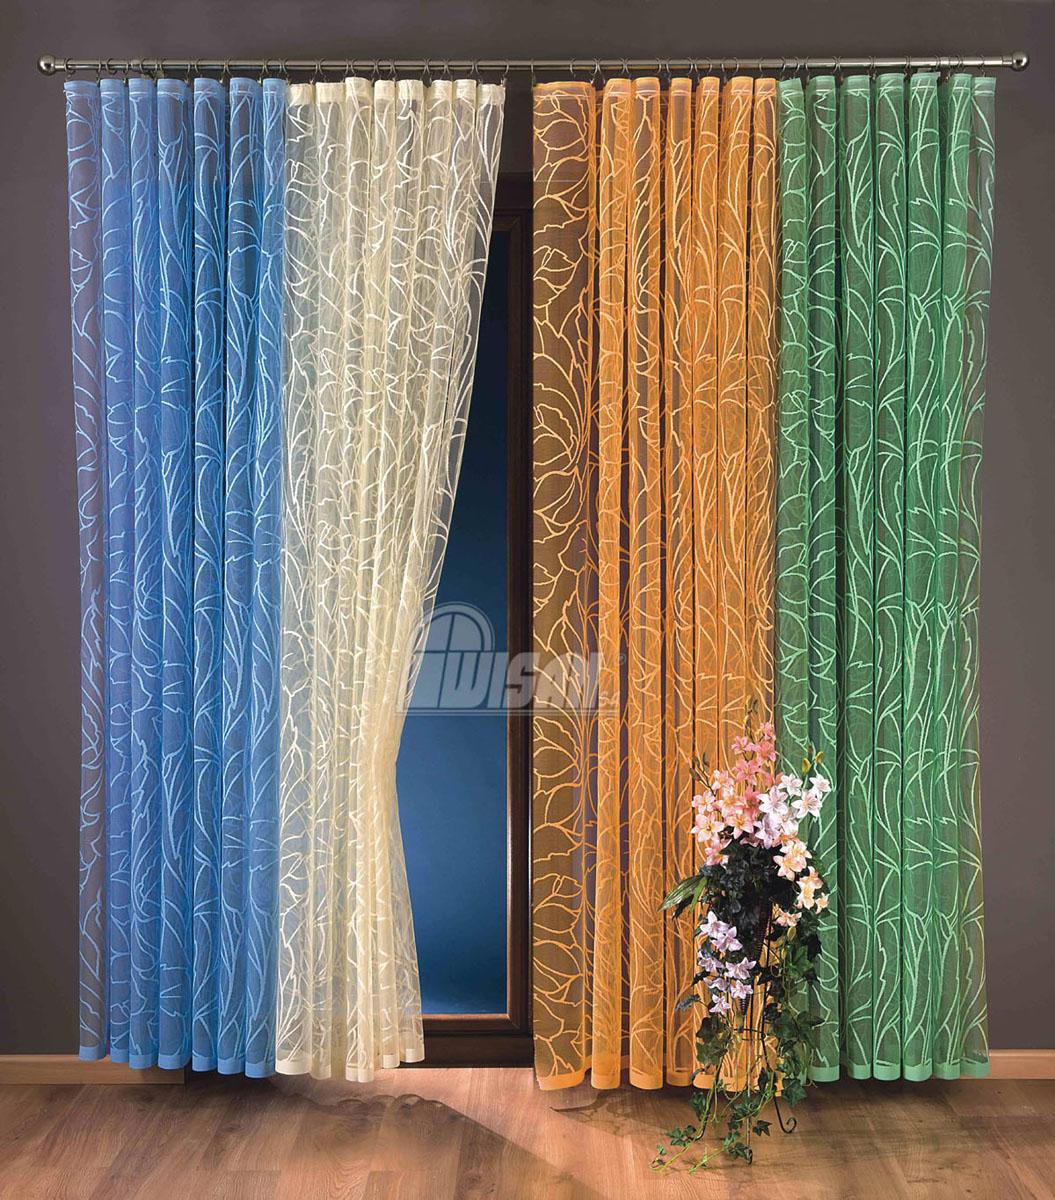 Гардина-тюль Zara, на ленте, цвет: голубой, высота 250 см737871Воздушная гардина-тюль Zara, изготовленная из полиэстера голубого цвета, станет великолепным украшением любого окна. Тонкое плетение, оригинальный дизайн и приятная цветовая гамма привлекут к себе внимание и органично впишутся в интерьер комнаты. В гардину-тюль вшита шторная лента. Характеристики: Материал: 100% полиэстер. Цвет: голубой. Размер упаковки: 27 см х 36 см х 3 см. Артикул: 737871. В комплект входит: Гардина-тюль - 1 шт. Размер (Ш х В): 150 см х 250 см. Фирма Wisan на польском рынке существует уже более пятидесяти лет и является одной из лучших польских фабрик по производству штор и тканей. Ассортимент фирмы представлен готовыми комплектами штор для гостиной, детской, кухни, а также текстилем для кухни (скатерти, салфетки, дорожки, кухонные занавески). Модельный ряд отличает оригинальный дизайн, высокое качество. Ассортимент продукции постоянно пополняется. УВАЖАЕМЫЕ КЛИЕНТЫ! ...